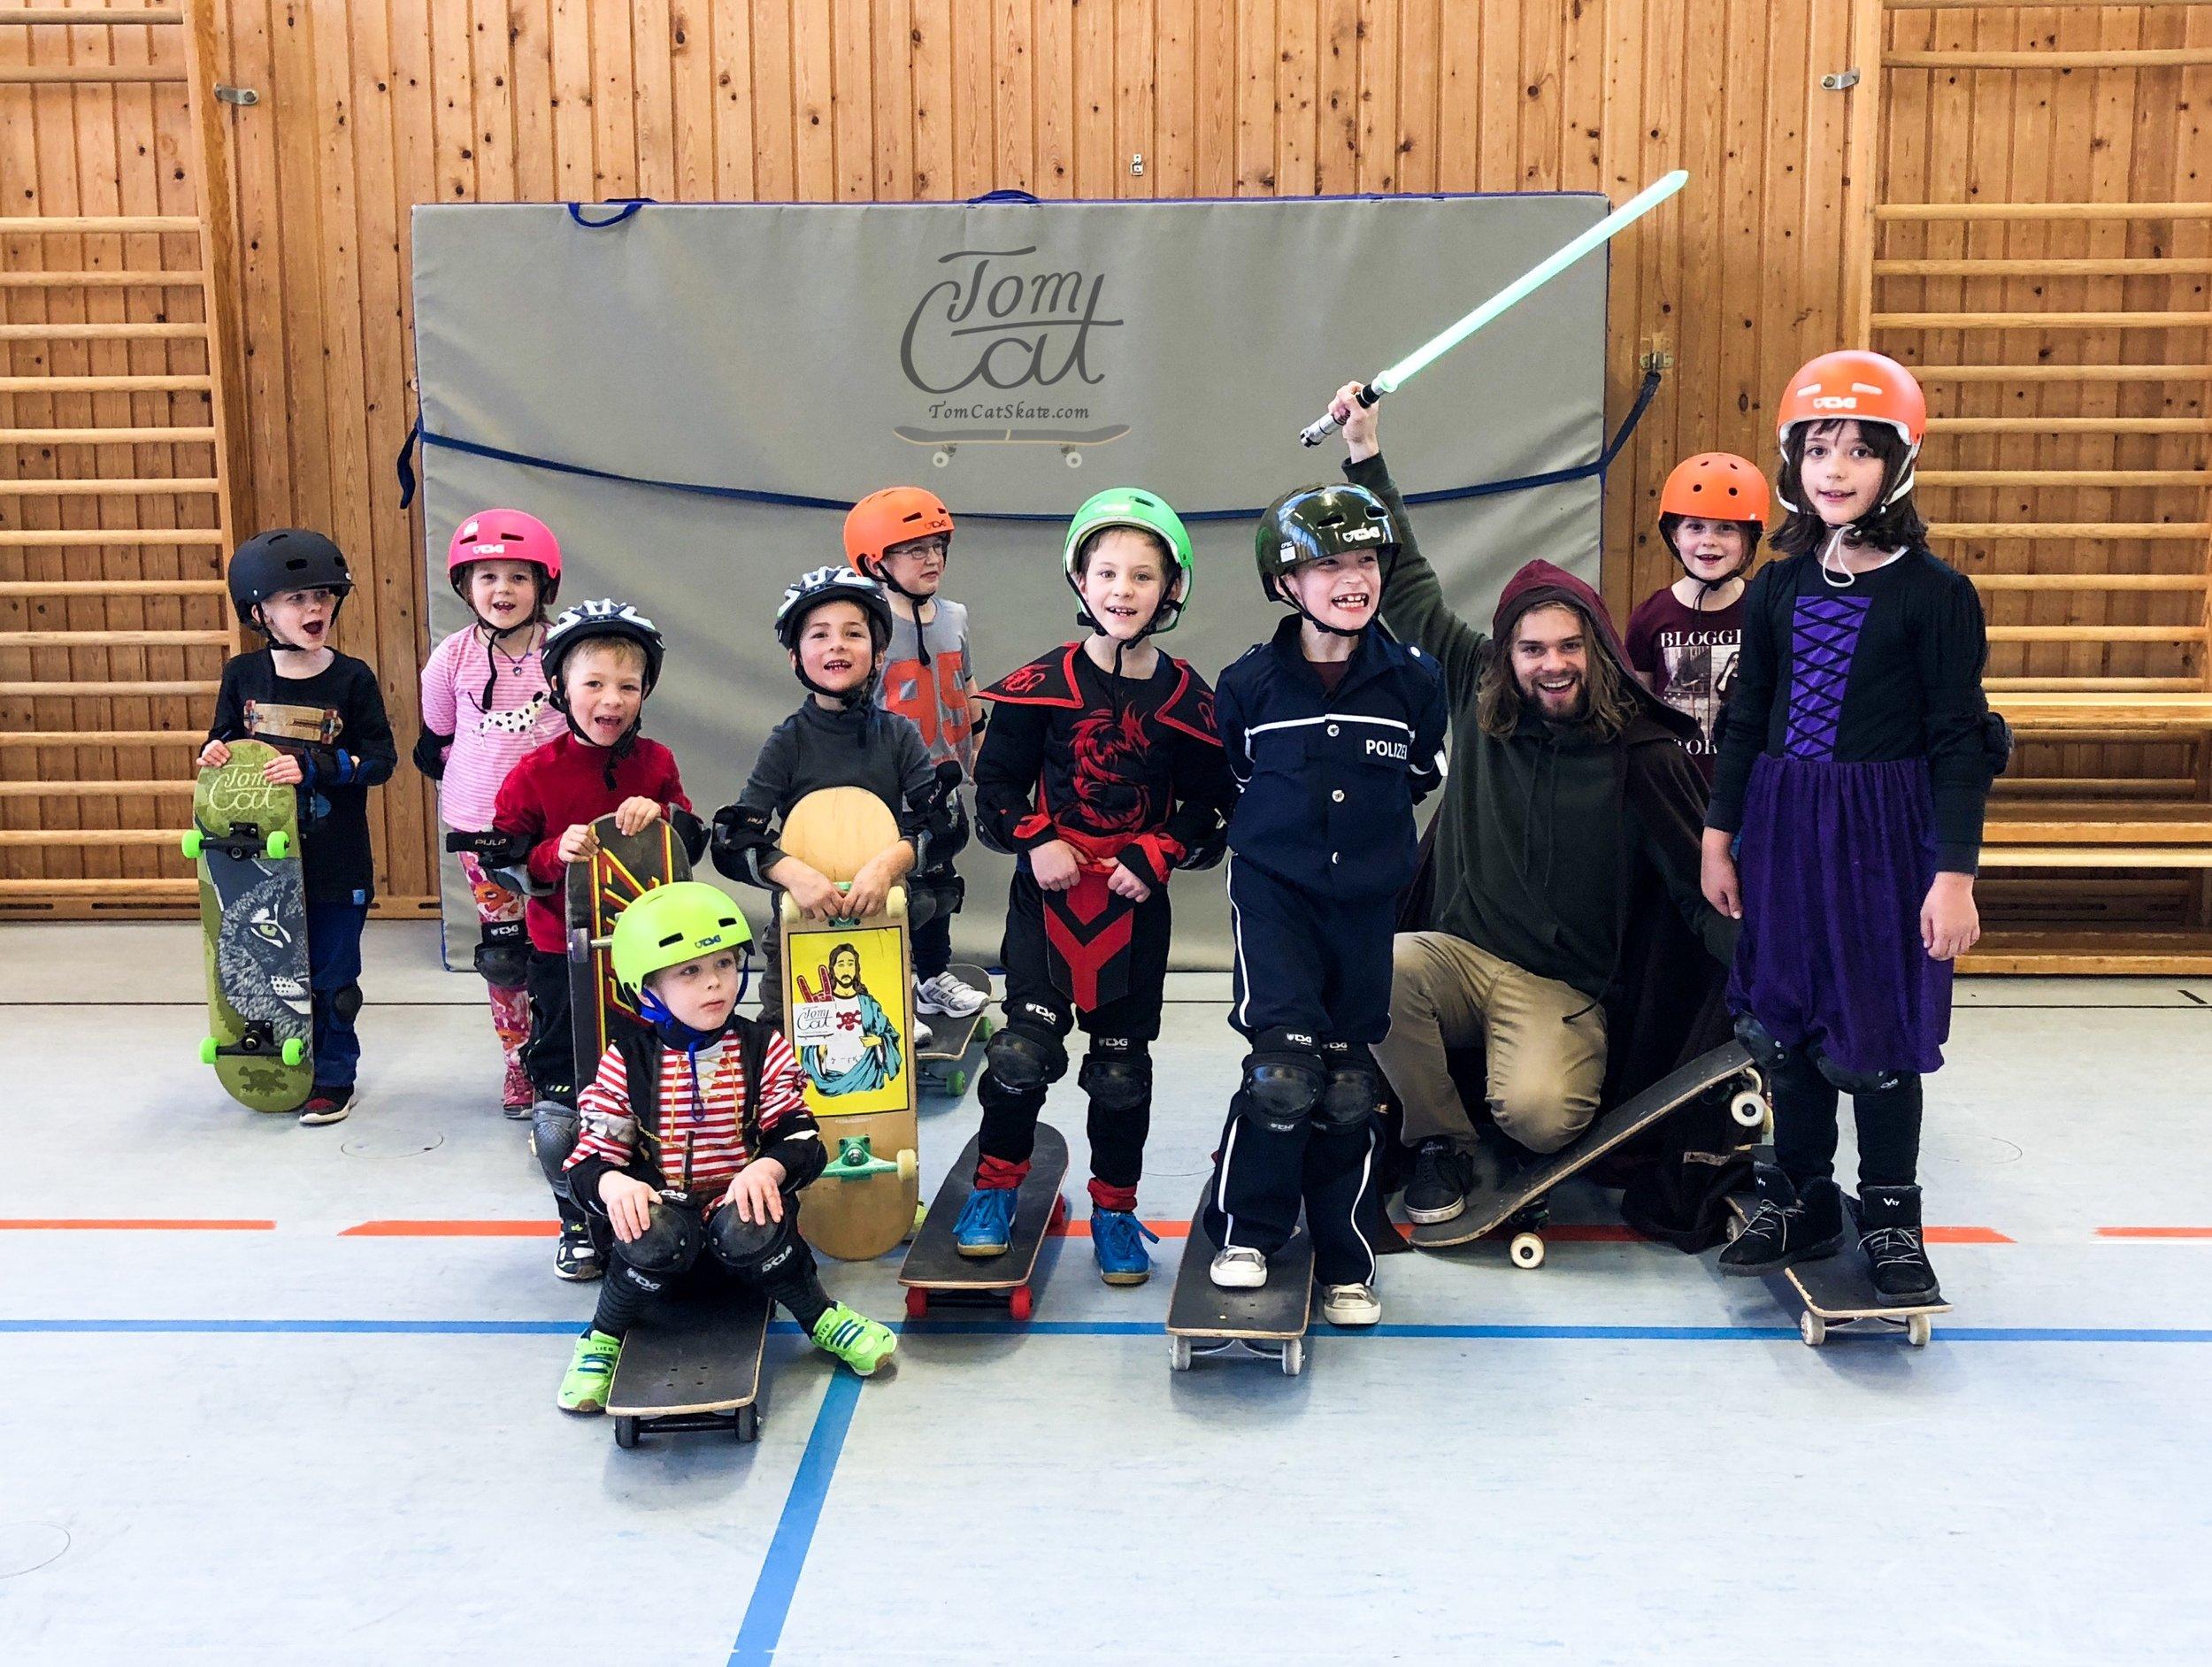 Skateboardkurs München TomCatSkate.com Bad Tölz Turnhalle Jahnhalle Skatepark Bad Tölz Jugendherberge Jugendcafe.JPG